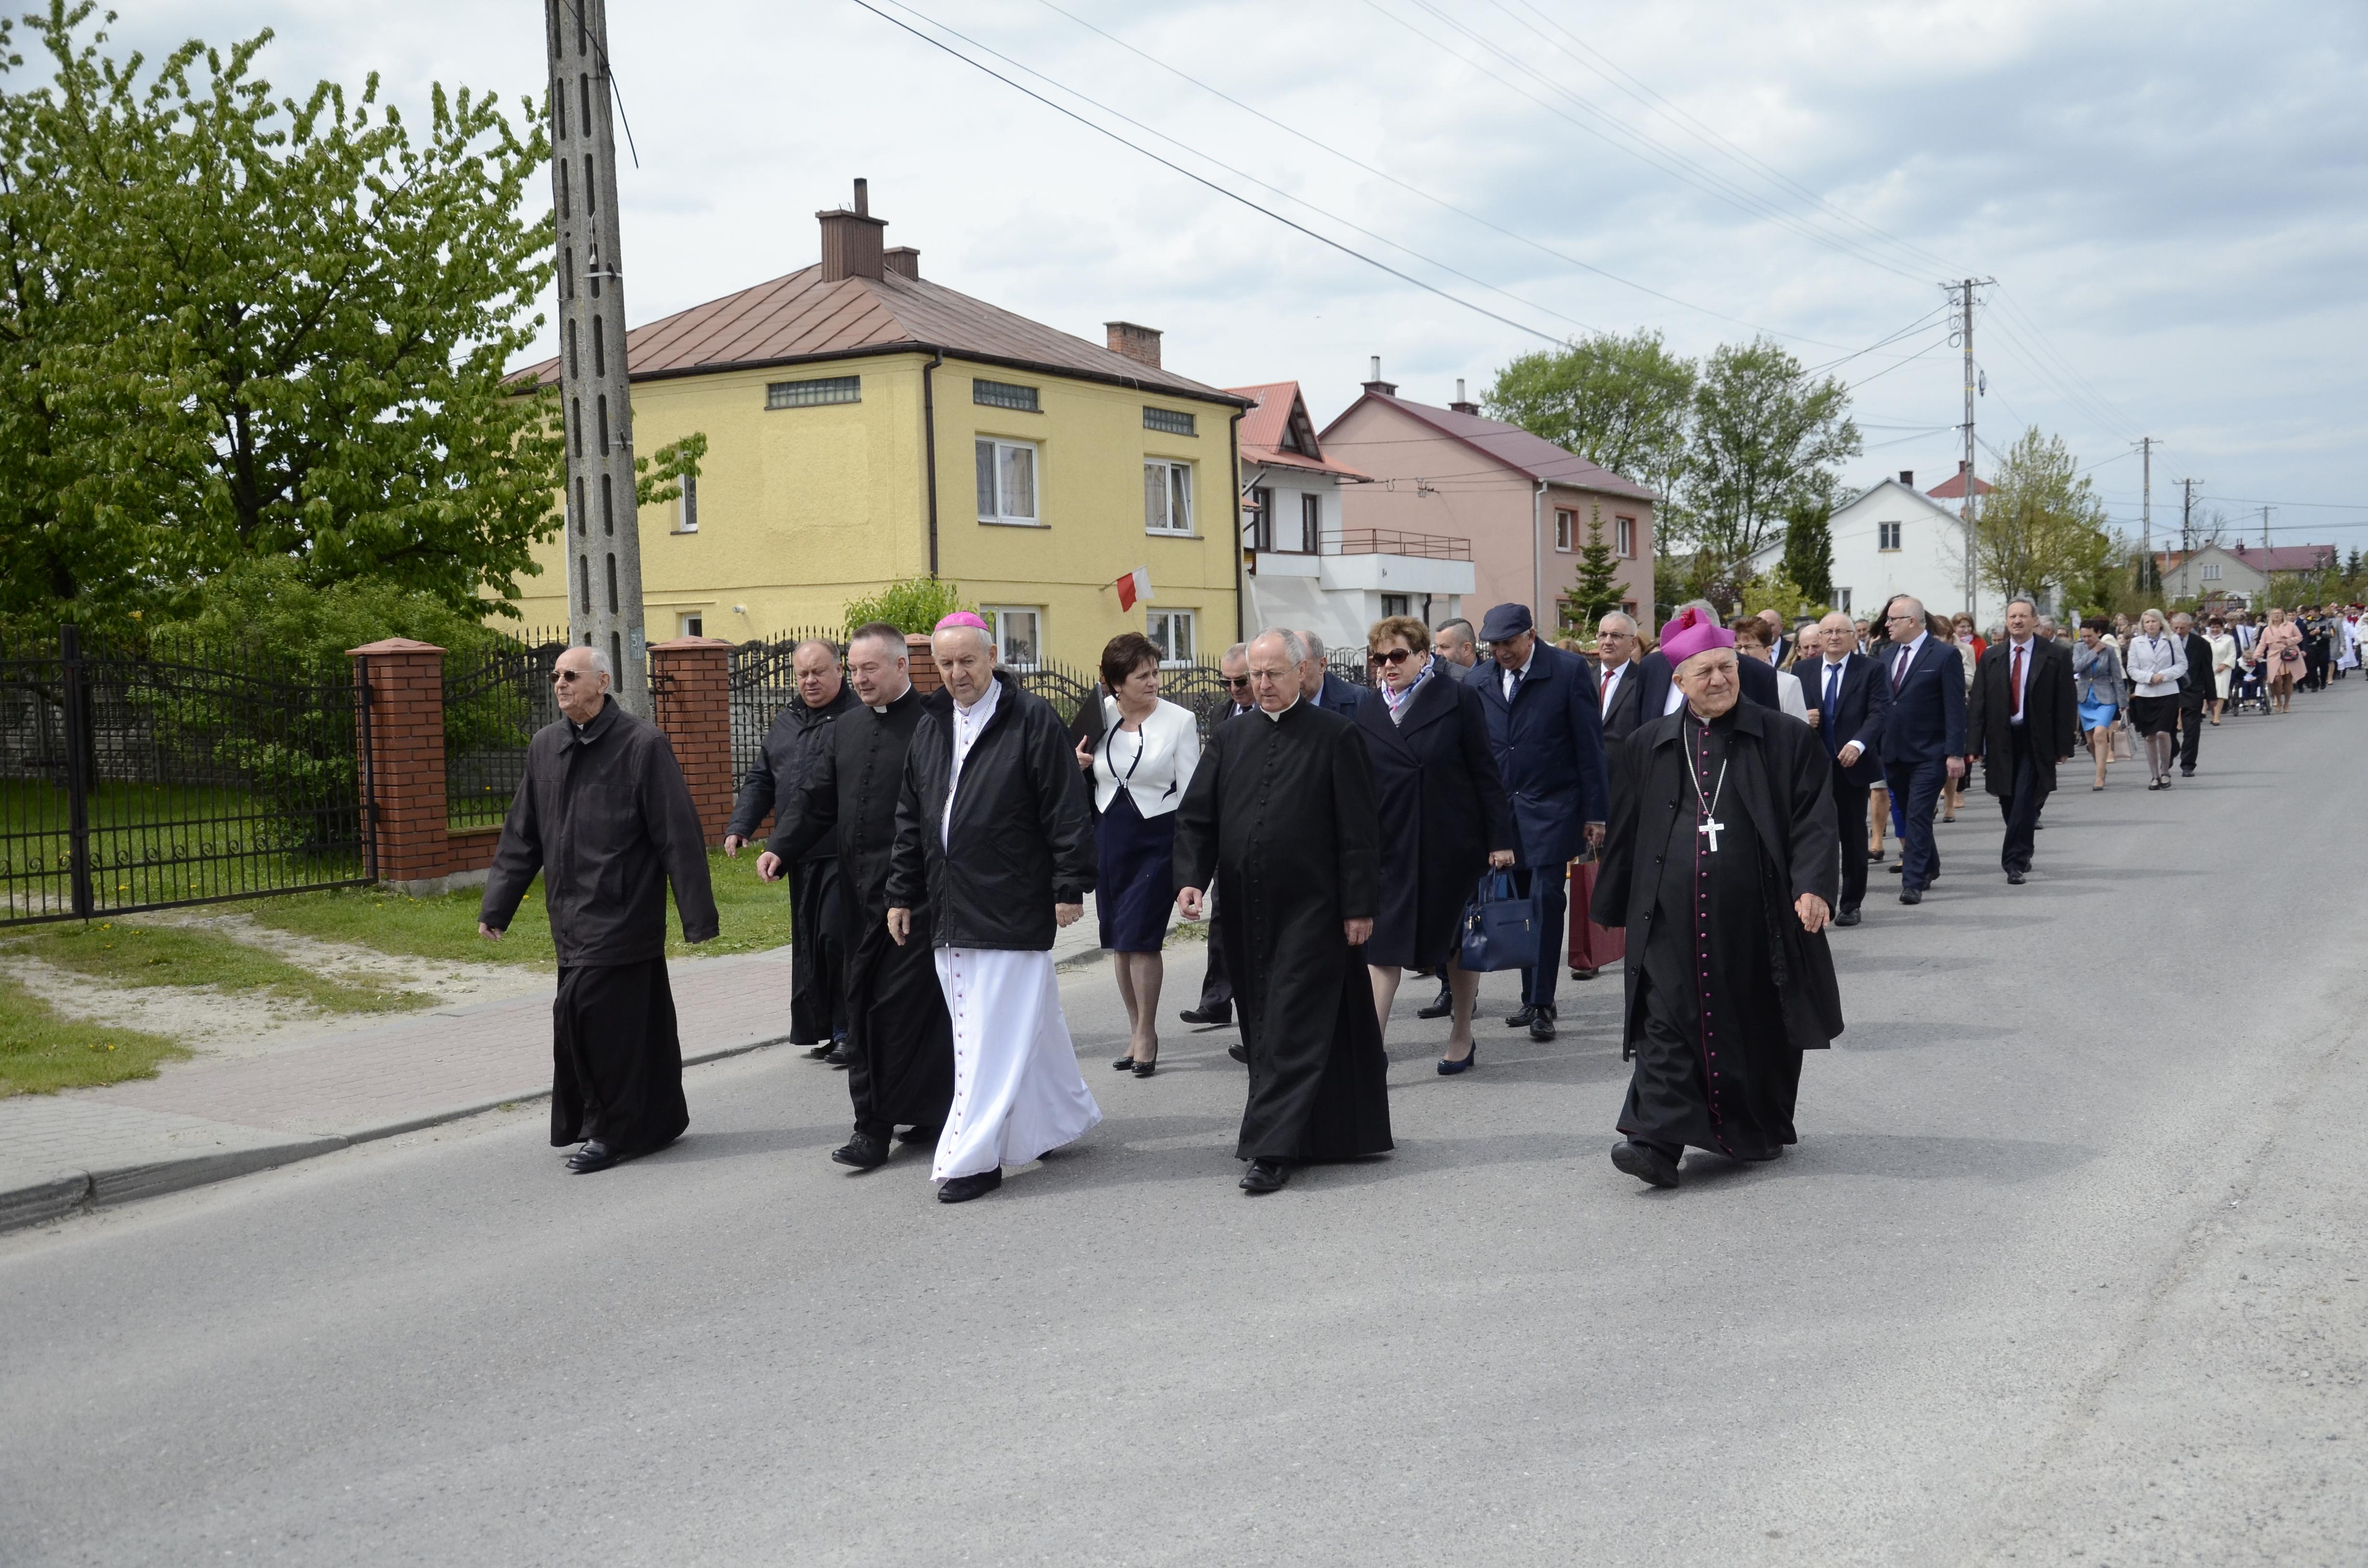 Szkoła podstawowa w Woli Raniżowskiej, od wczoraj, nosi imię biskupa Jana Ozgi [ZDJĘCIA] - Zdjęcie główne